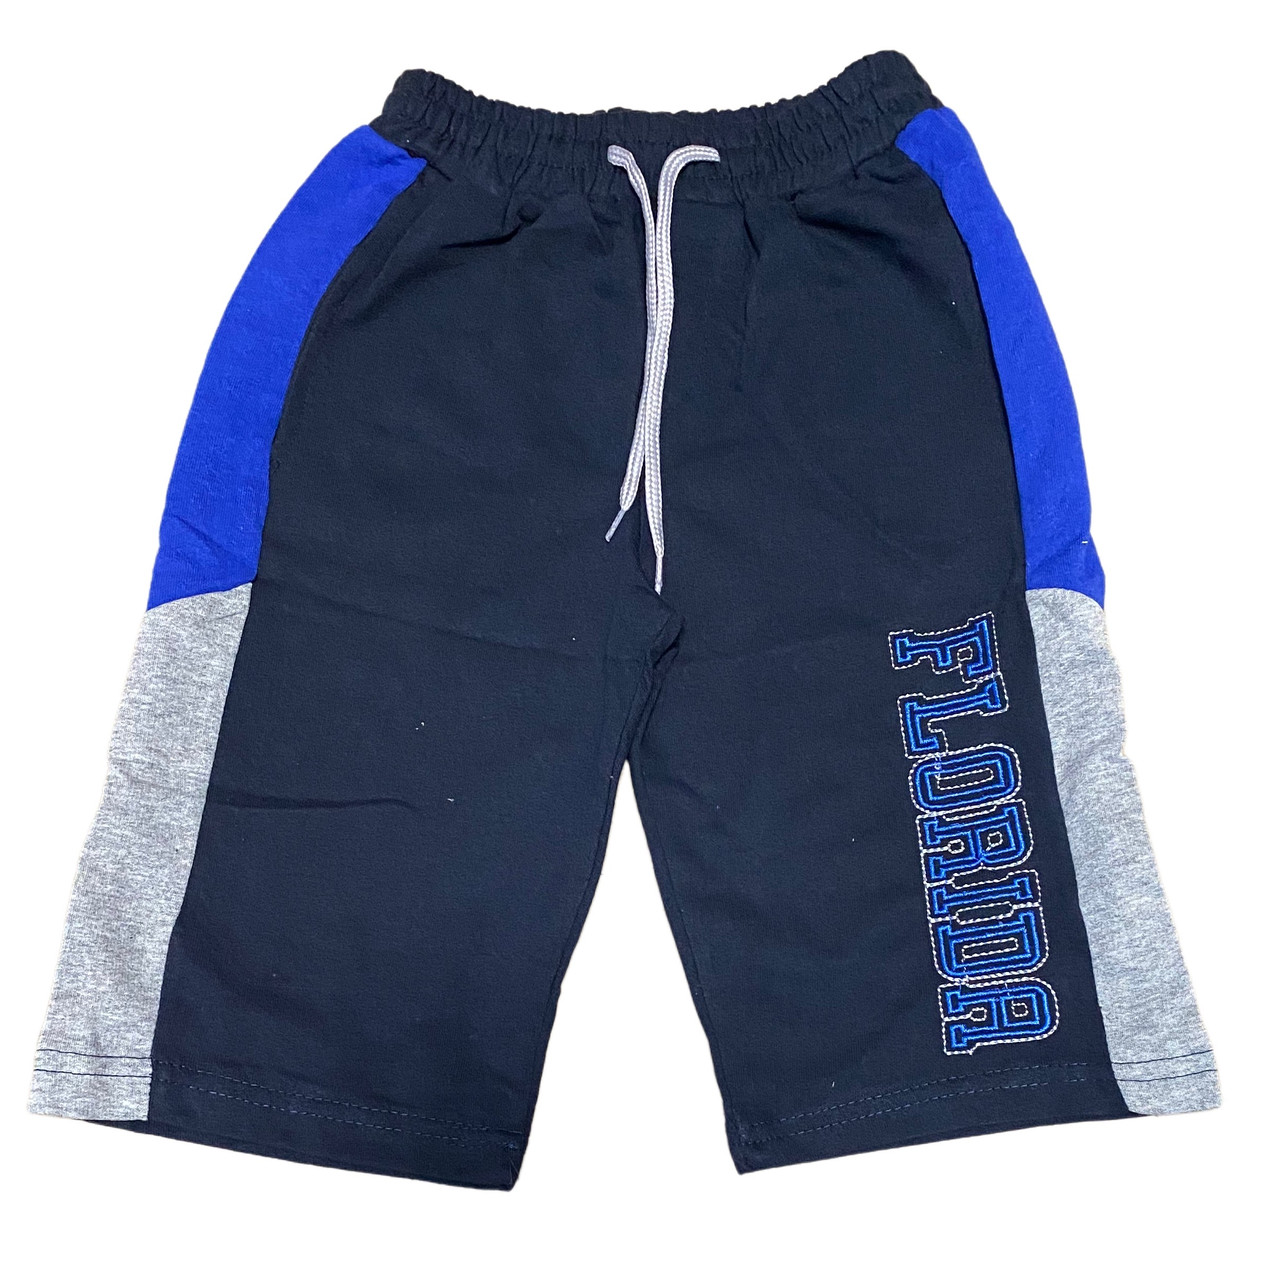 Детские шорты для мальчика, 146см